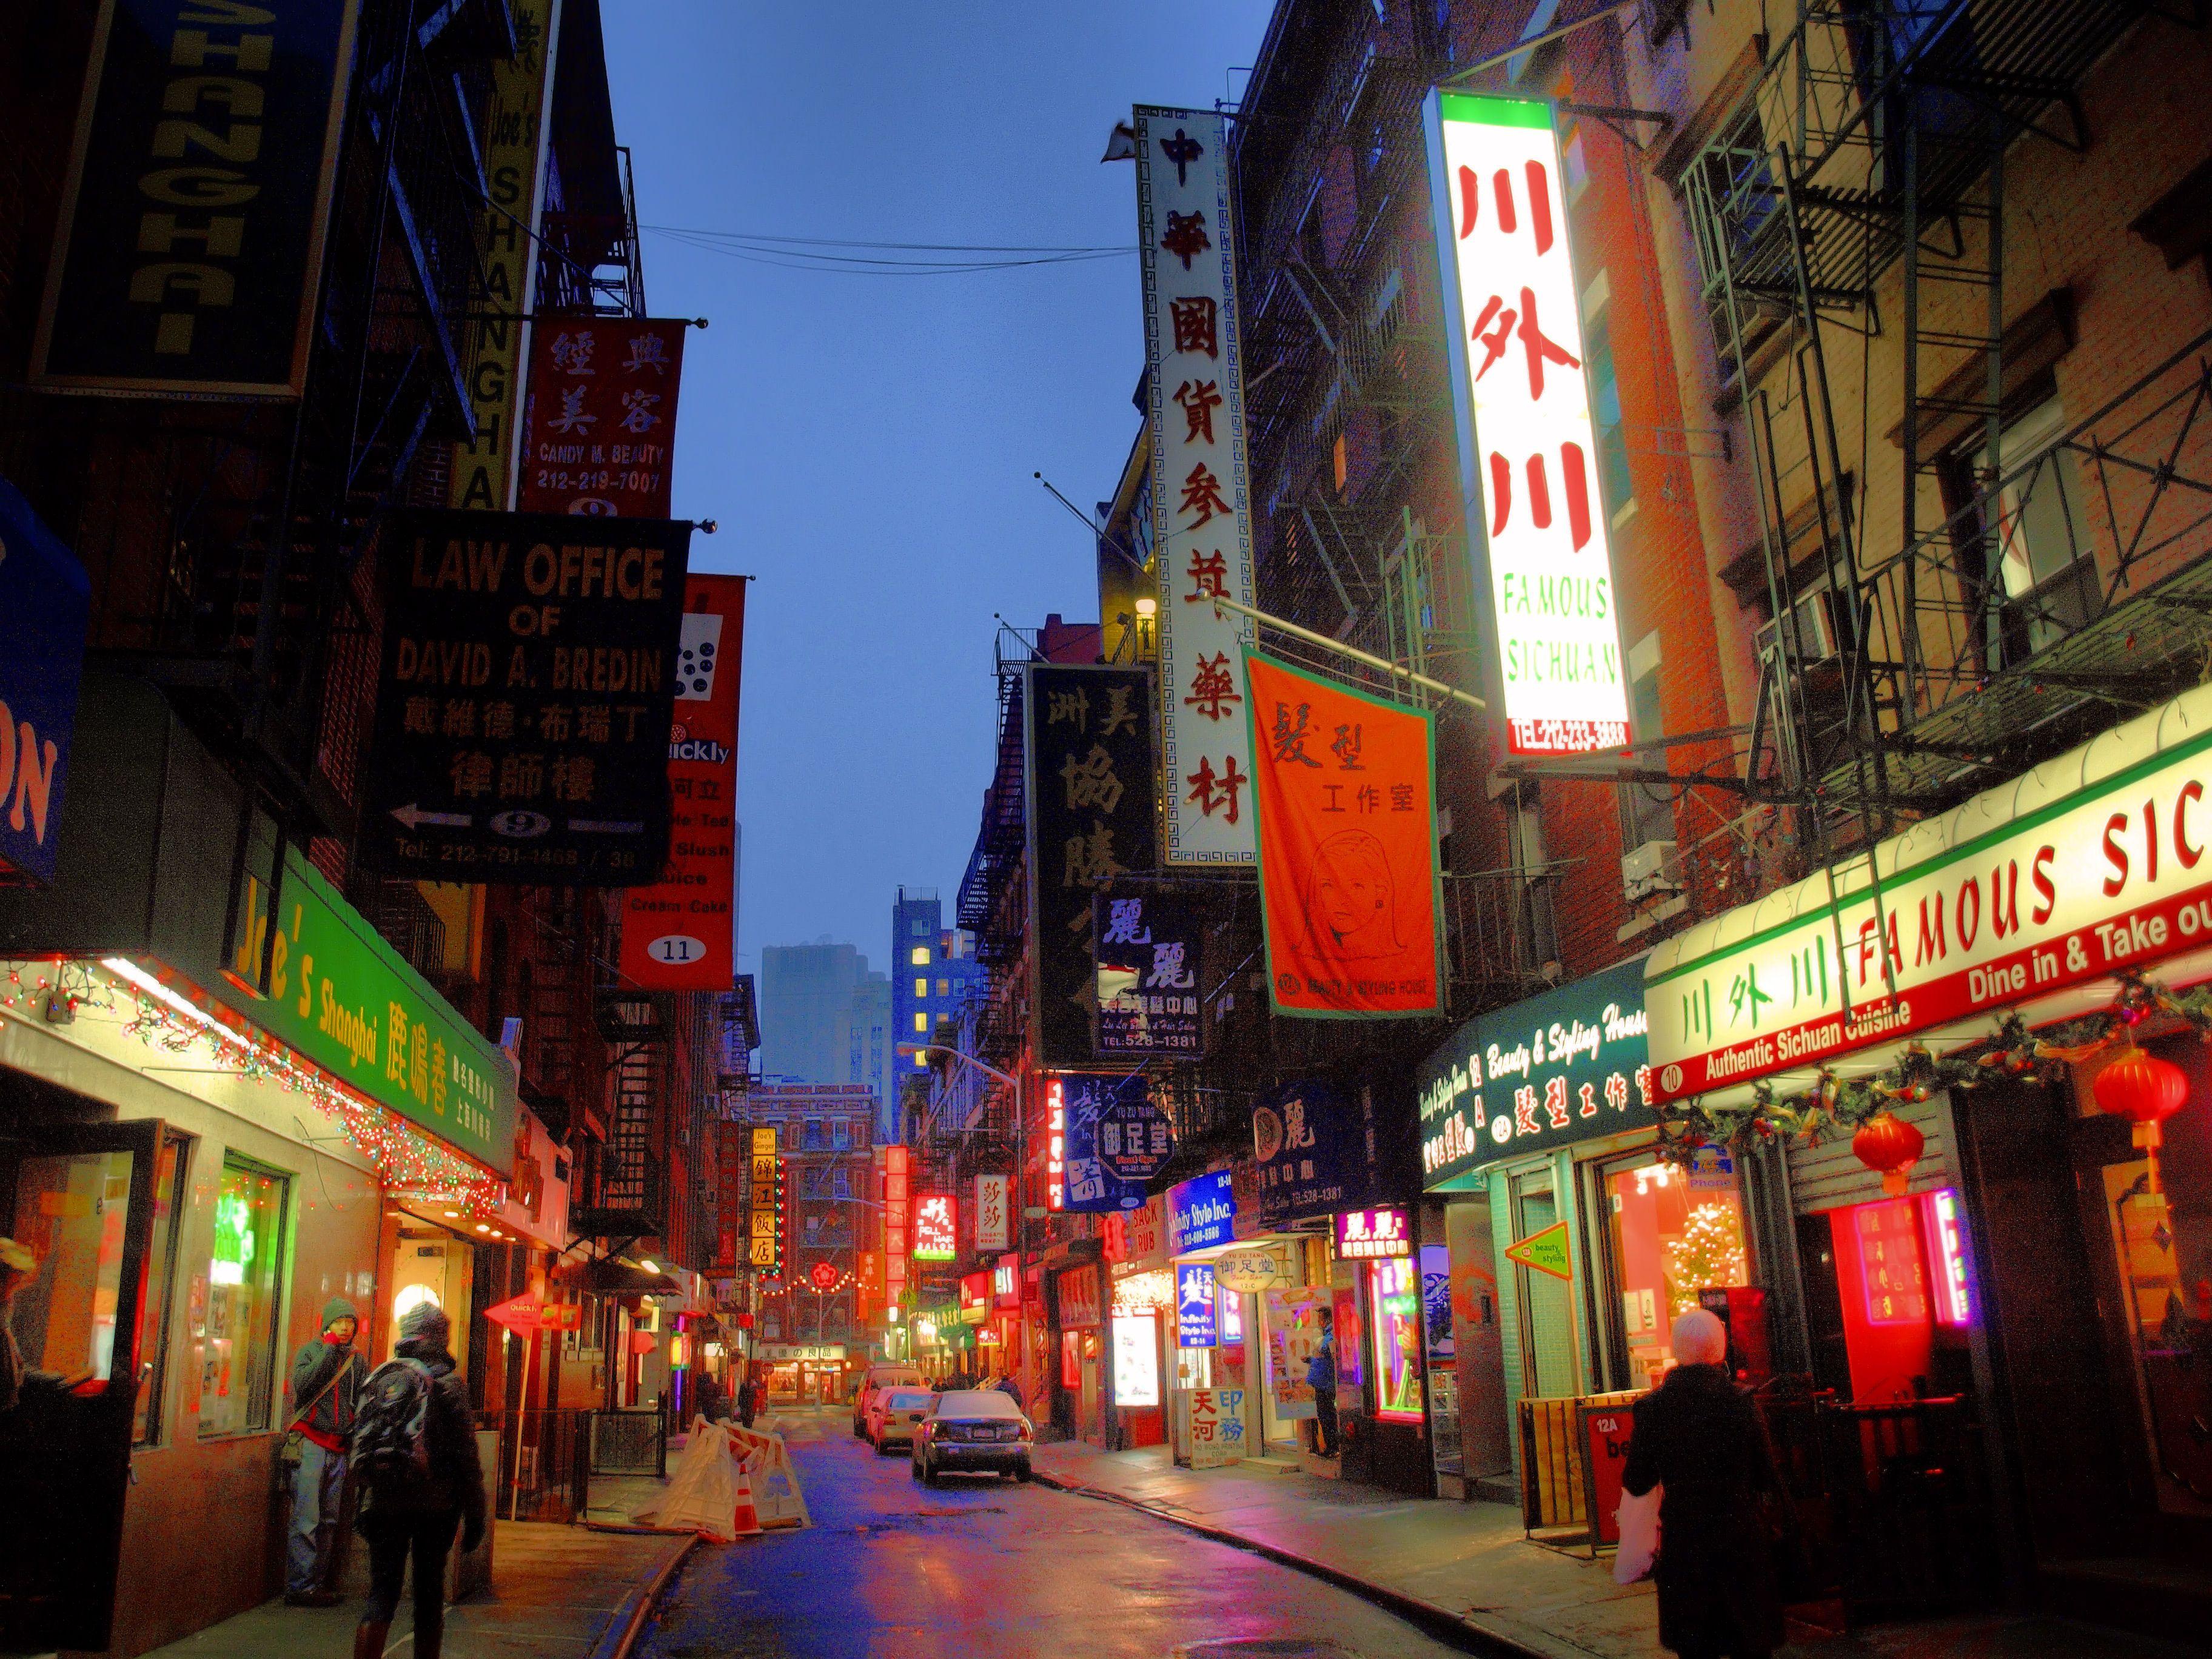 Chinatown, Manhattan 2c530db3d95356401588883cb2f621f9